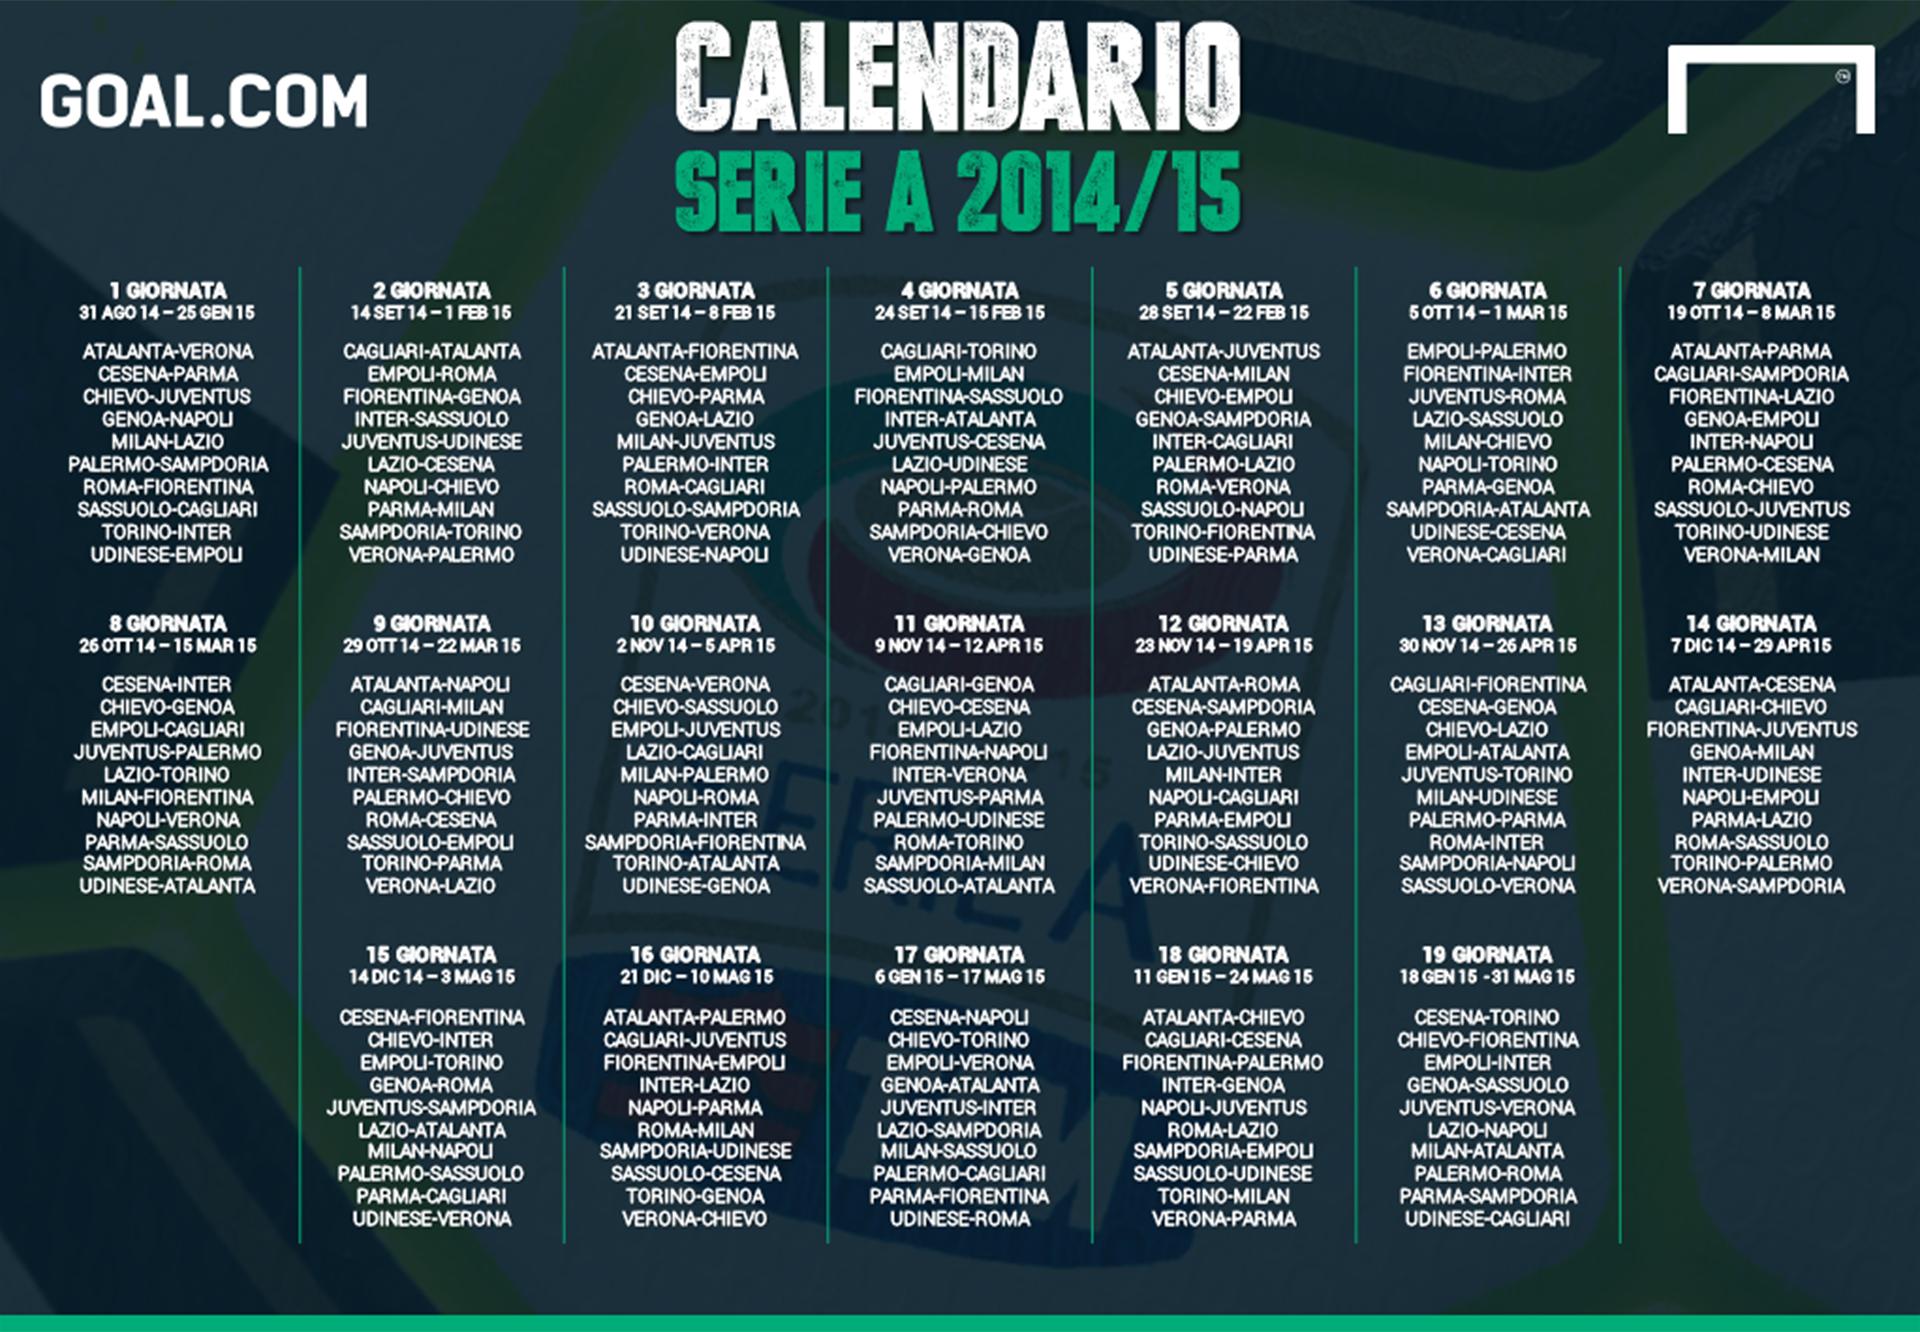 Calendario Serie A 17 18.Calendario Serie A 2014 2015